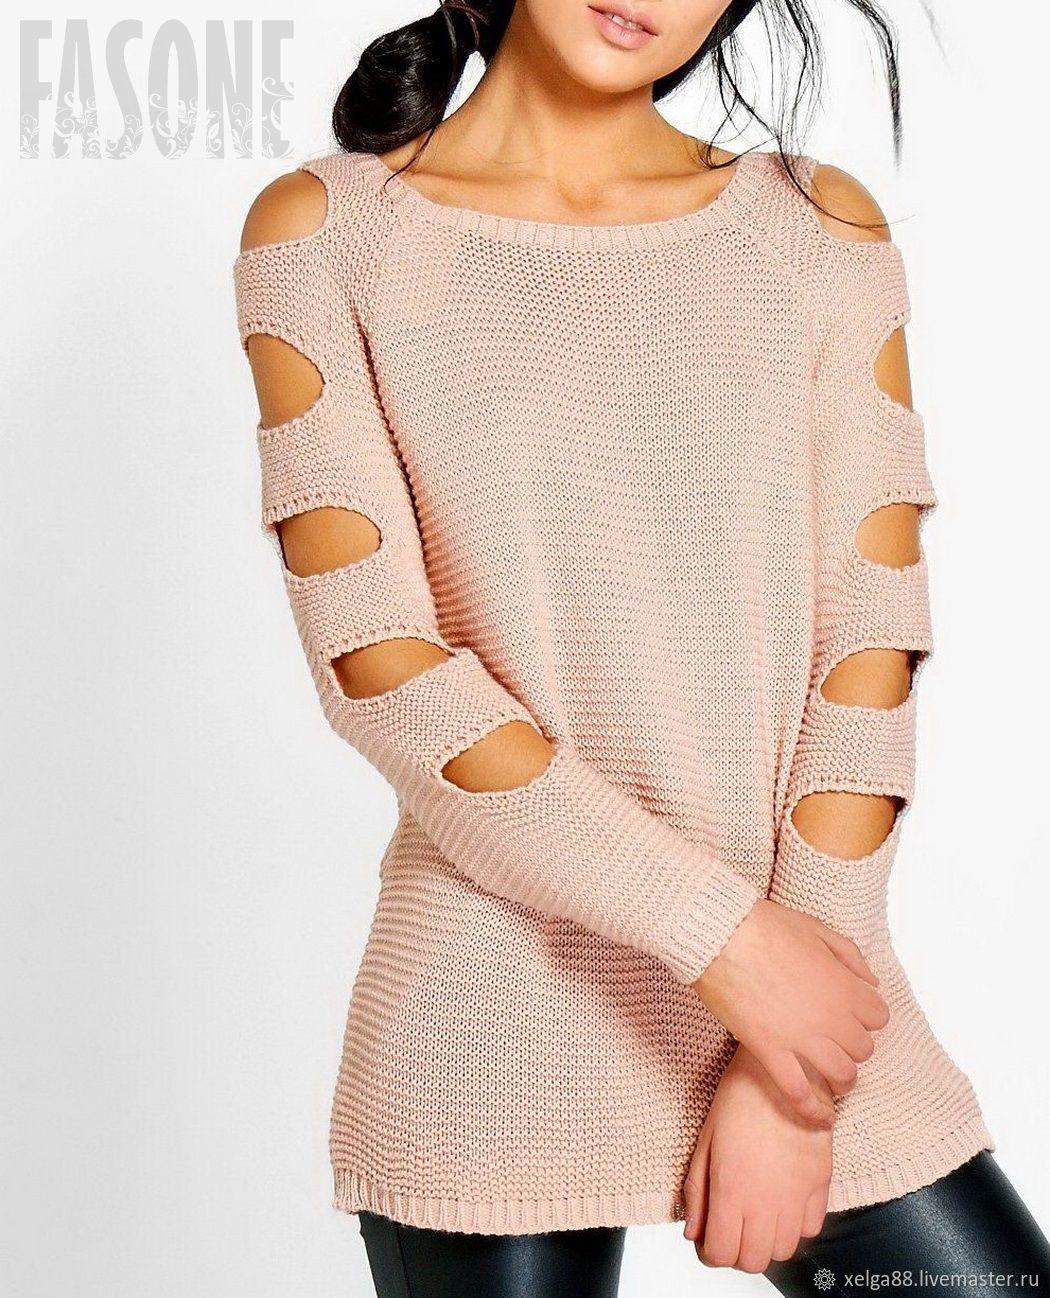 Кофты и свитера ручной работы. Ярмарка Мастеров - ручная работа. Купить Свитеры: Женский свитер розовый с прорезями на рукавах. Handmade.